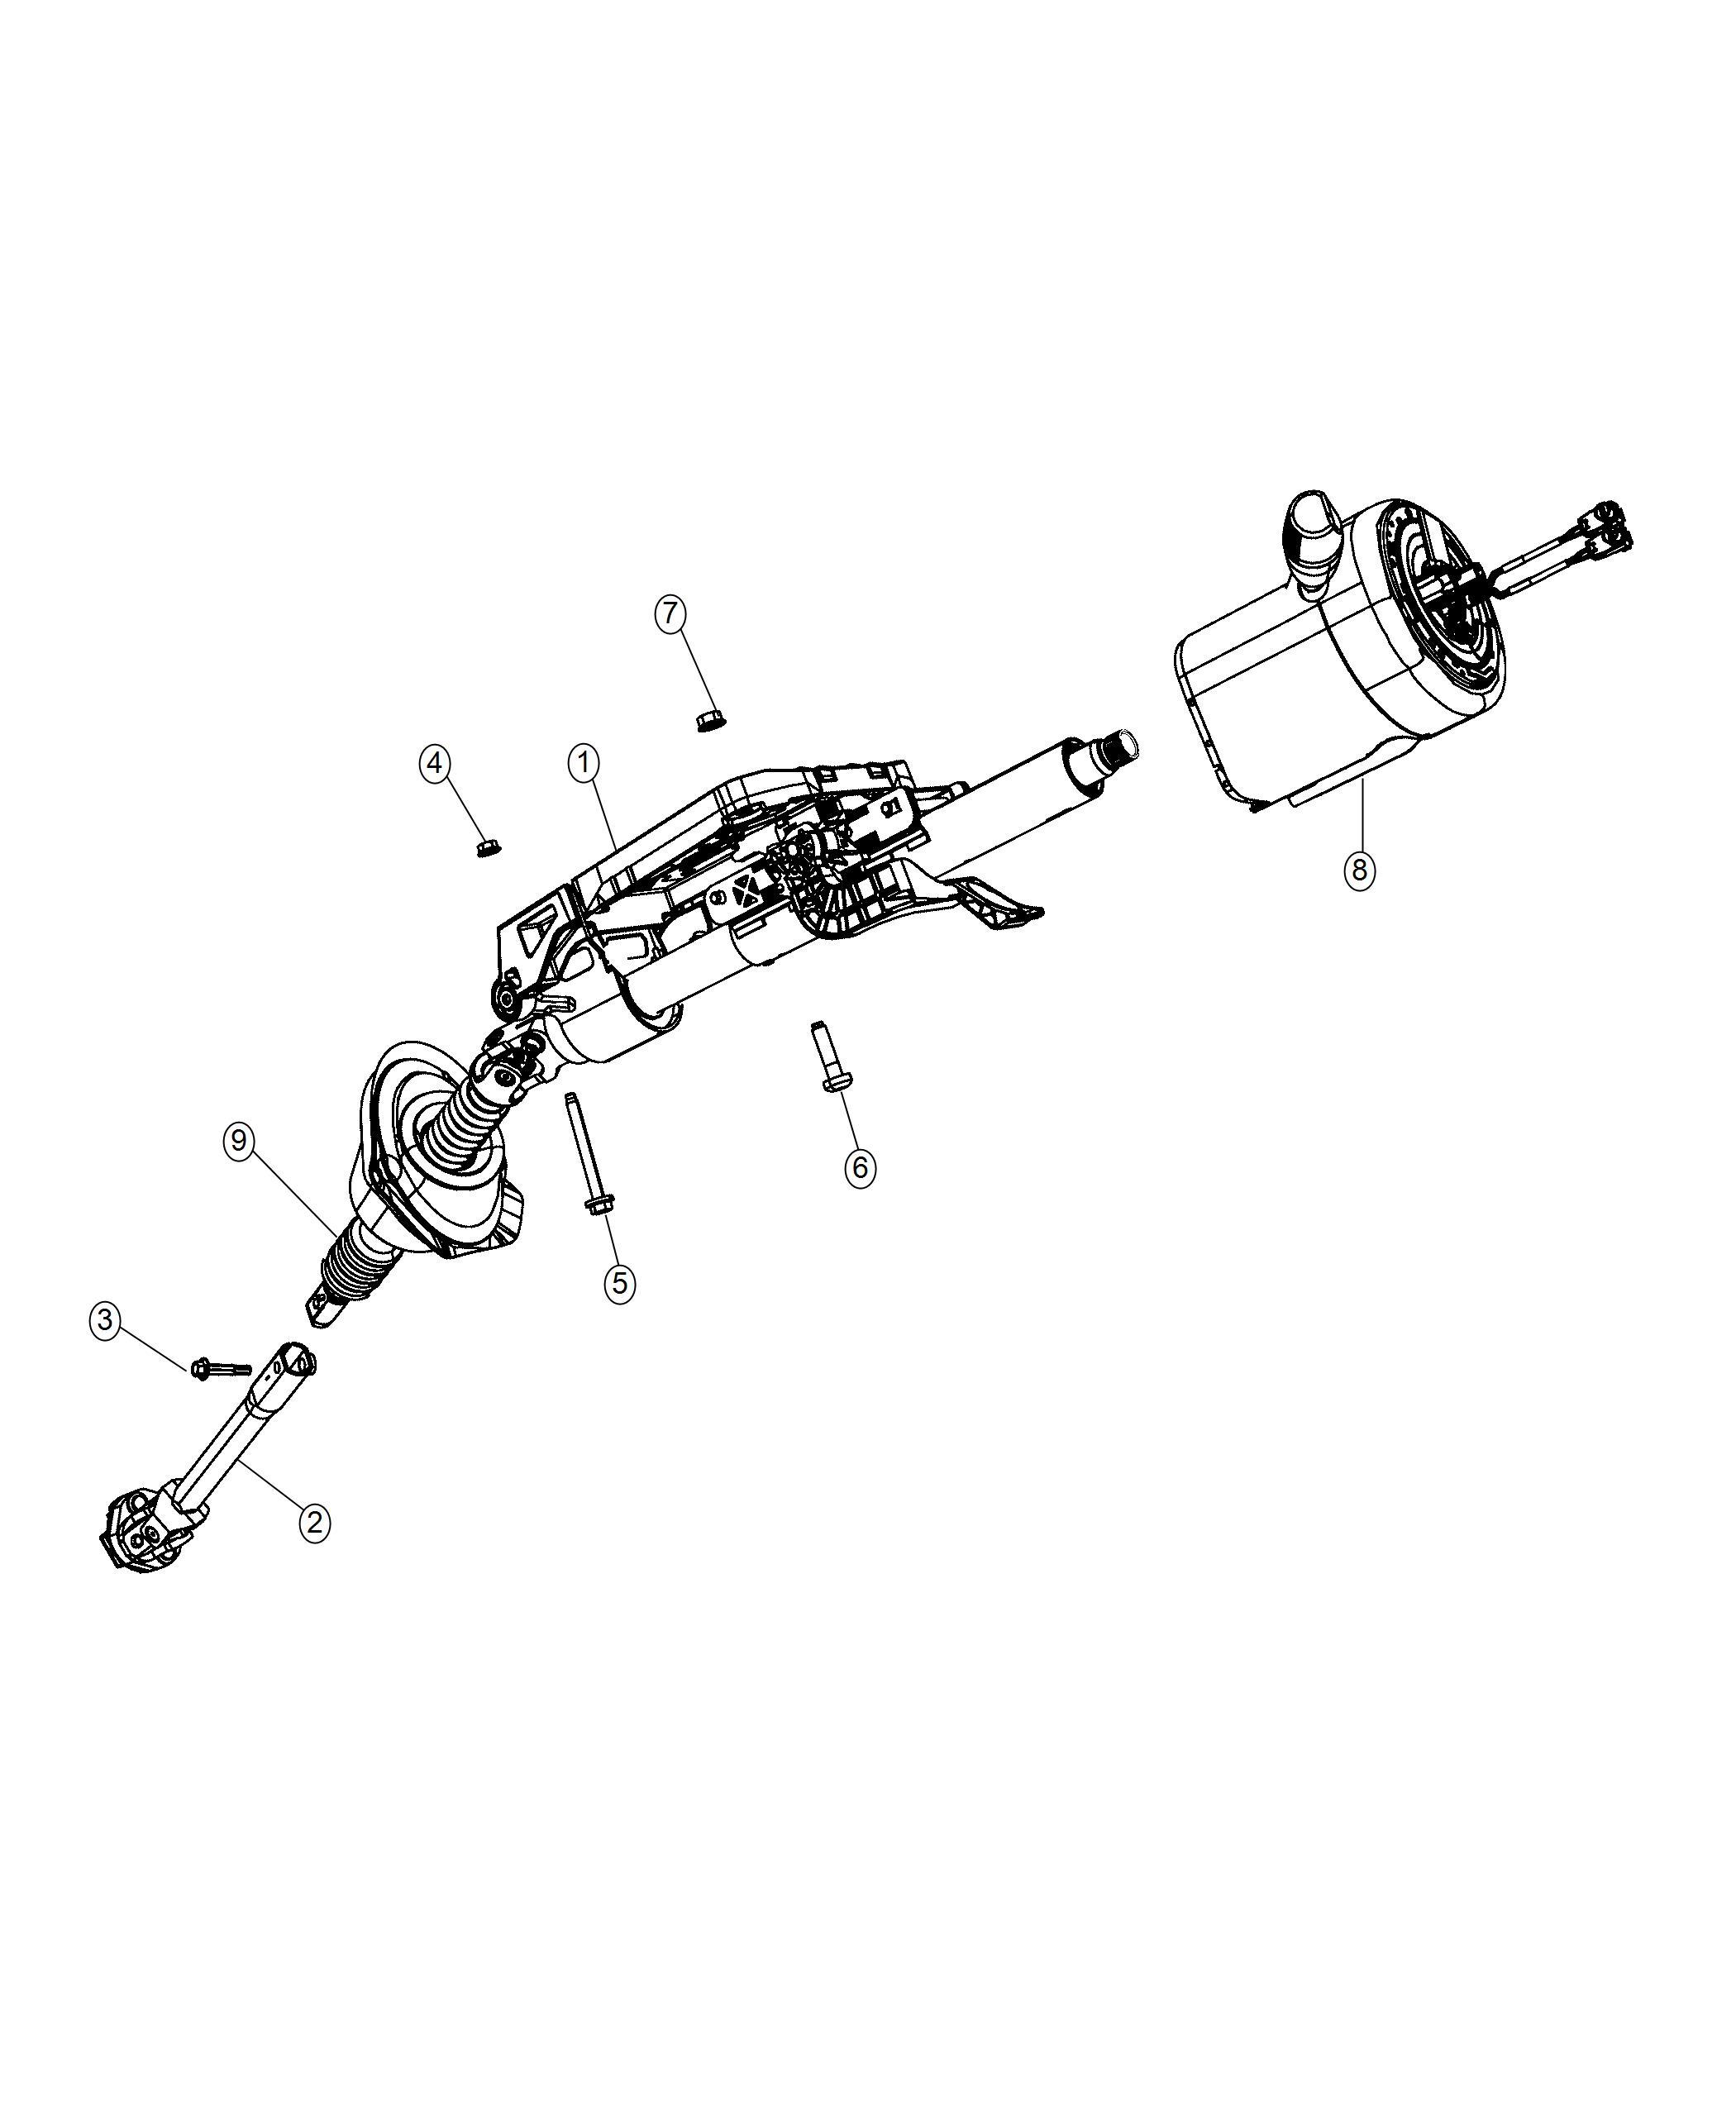 Chrysler 300 Column Steering Export Right Hand Drive